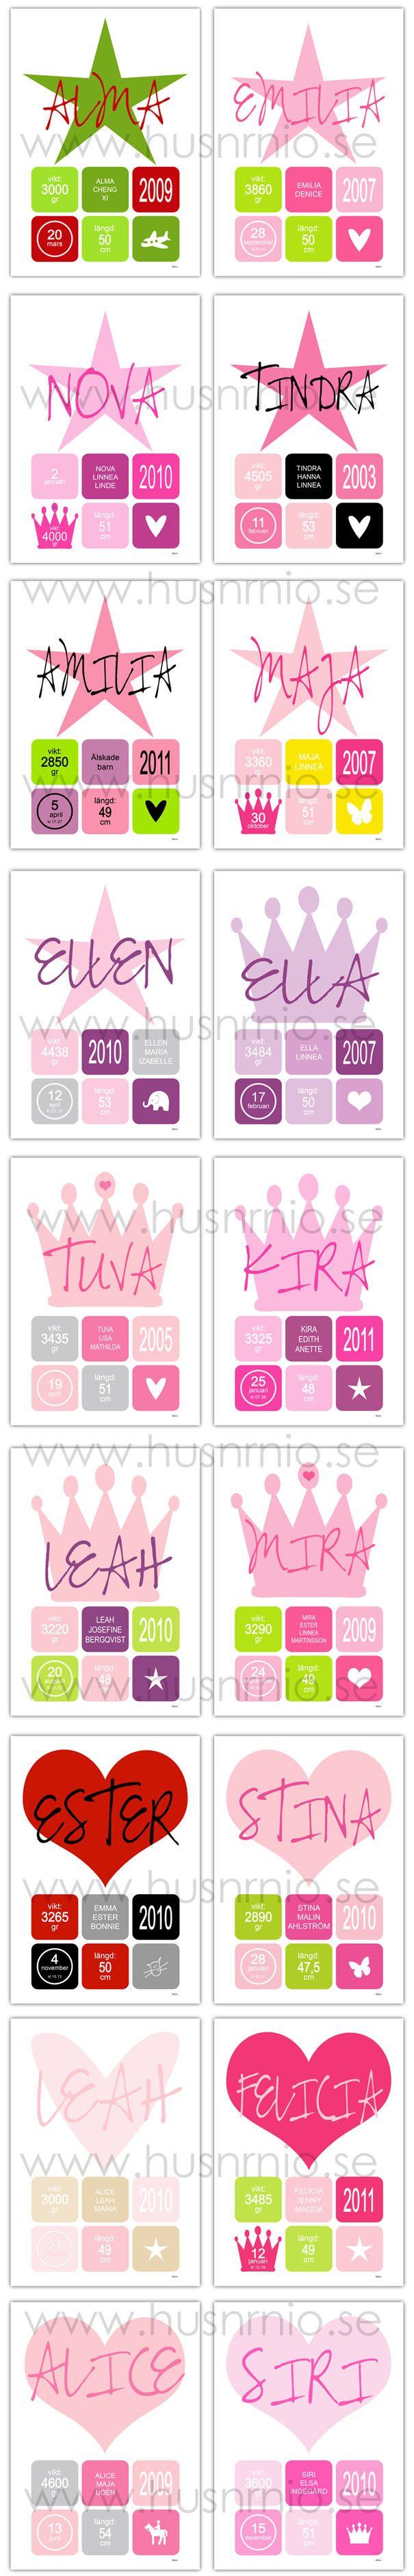 Färginspiration Namn/Doptavlor till tjejer | HUSnrNIO